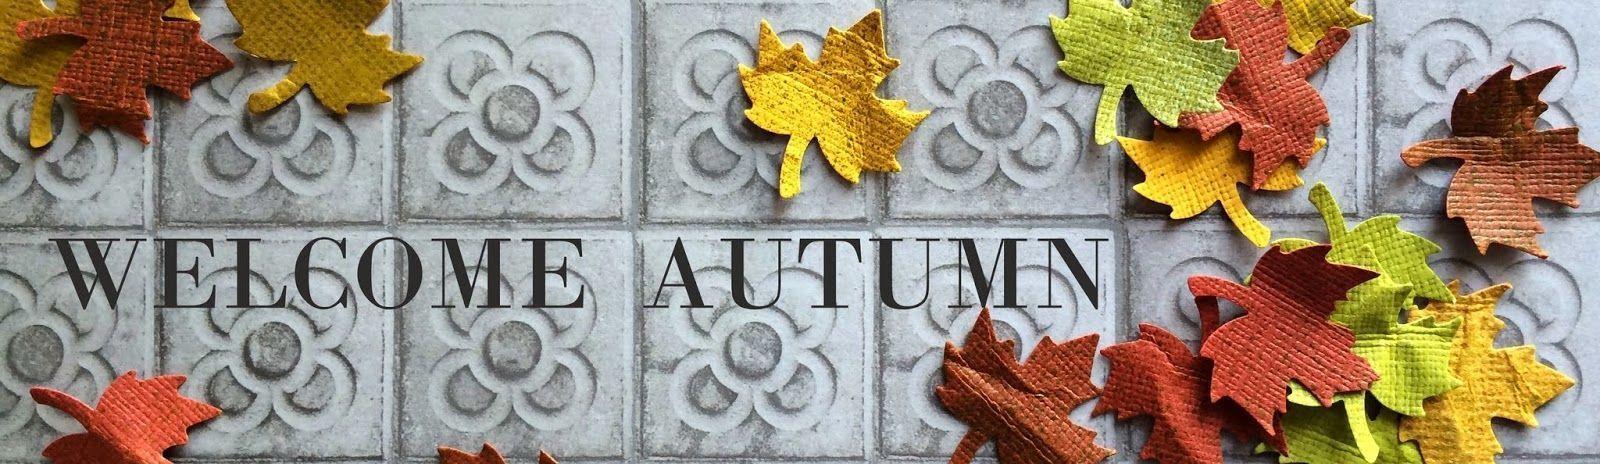 Kraftandpaper: ¡Bienvenido Otoño!   Welcome Autumn! #bienvenidootoño Kraftandpaper: ¡Bienvenido Otoño!   Welcome Autumn! #bienvenidootoño Kraftandpaper: ¡Bienvenido Otoño!   Welcome Autumn! #bienvenidootoño Kraftandpaper: ¡Bienvenido Otoño!   Welcome Autumn! #bienvenidootoño Kraftandpaper: ¡Bienvenido Otoño!   Welcome Autumn! #bienvenidootoño Kraftandpaper: ¡Bienvenido Otoño!   Welcome Autumn! #bienvenidootoño Kraftandpaper: ¡Bienvenido Otoño!   Welcome Autumn! #bienvenidooto #bienvenidootoño